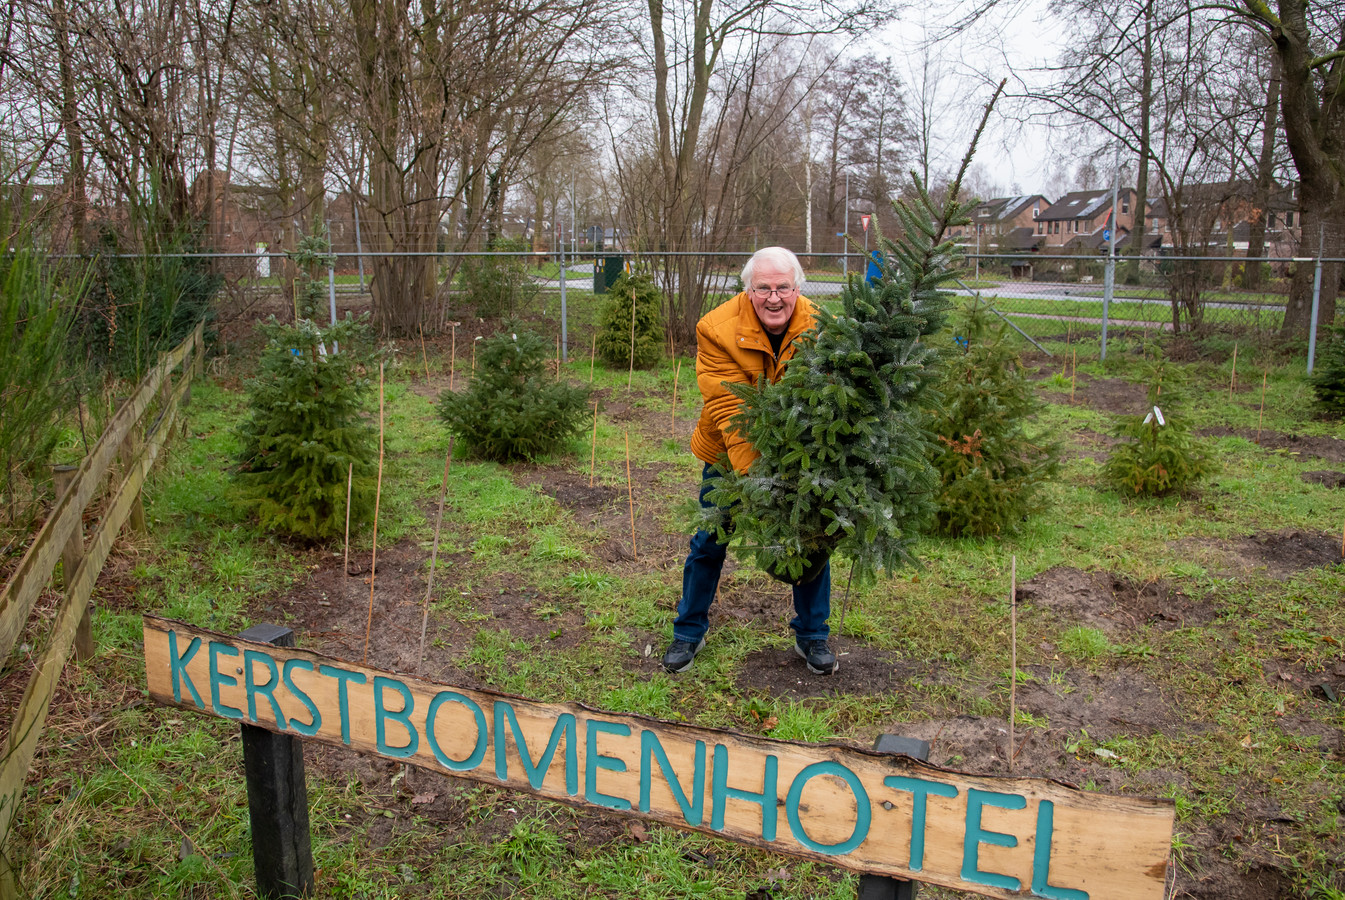 Johan Peppelman bij het kerstbomenhotel in Harderwijk.  Na de lockdown kunnen de mensen daar weer terecht met hun kerstboom.